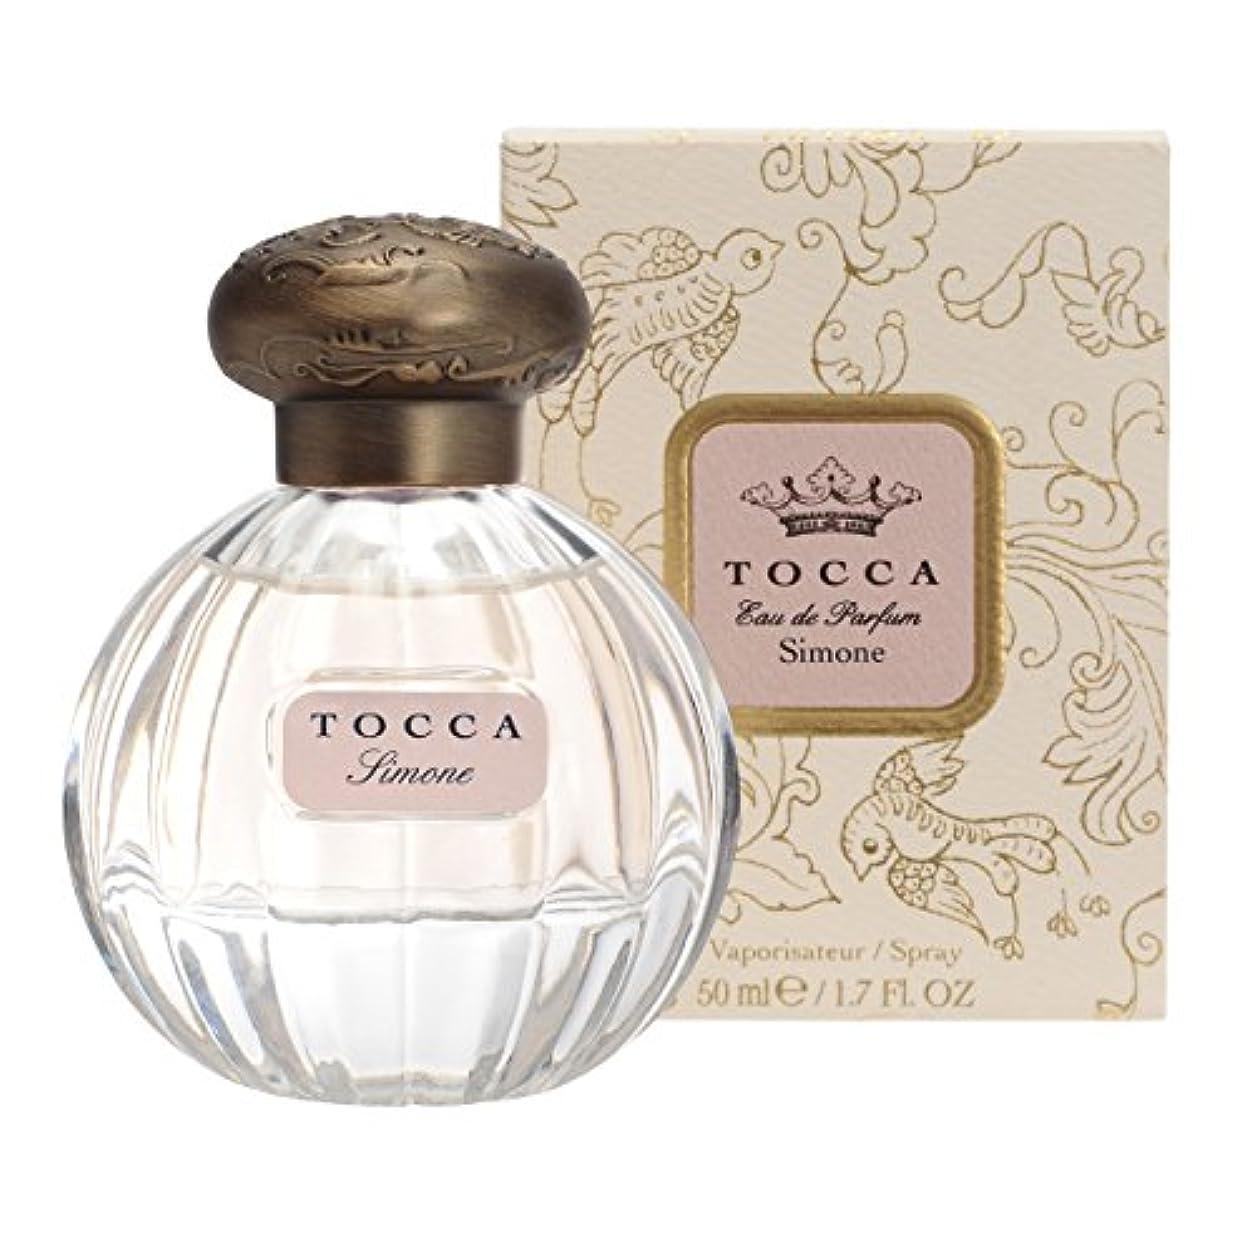 骨折かなりの落胆するトッカ(TOCCA) オードパルファム シモネの香り 50ml(香水 ビーチの波に飛び込む元気な少女のようにフランジパニにウォーターメロンが重なるみずみずしい香り)